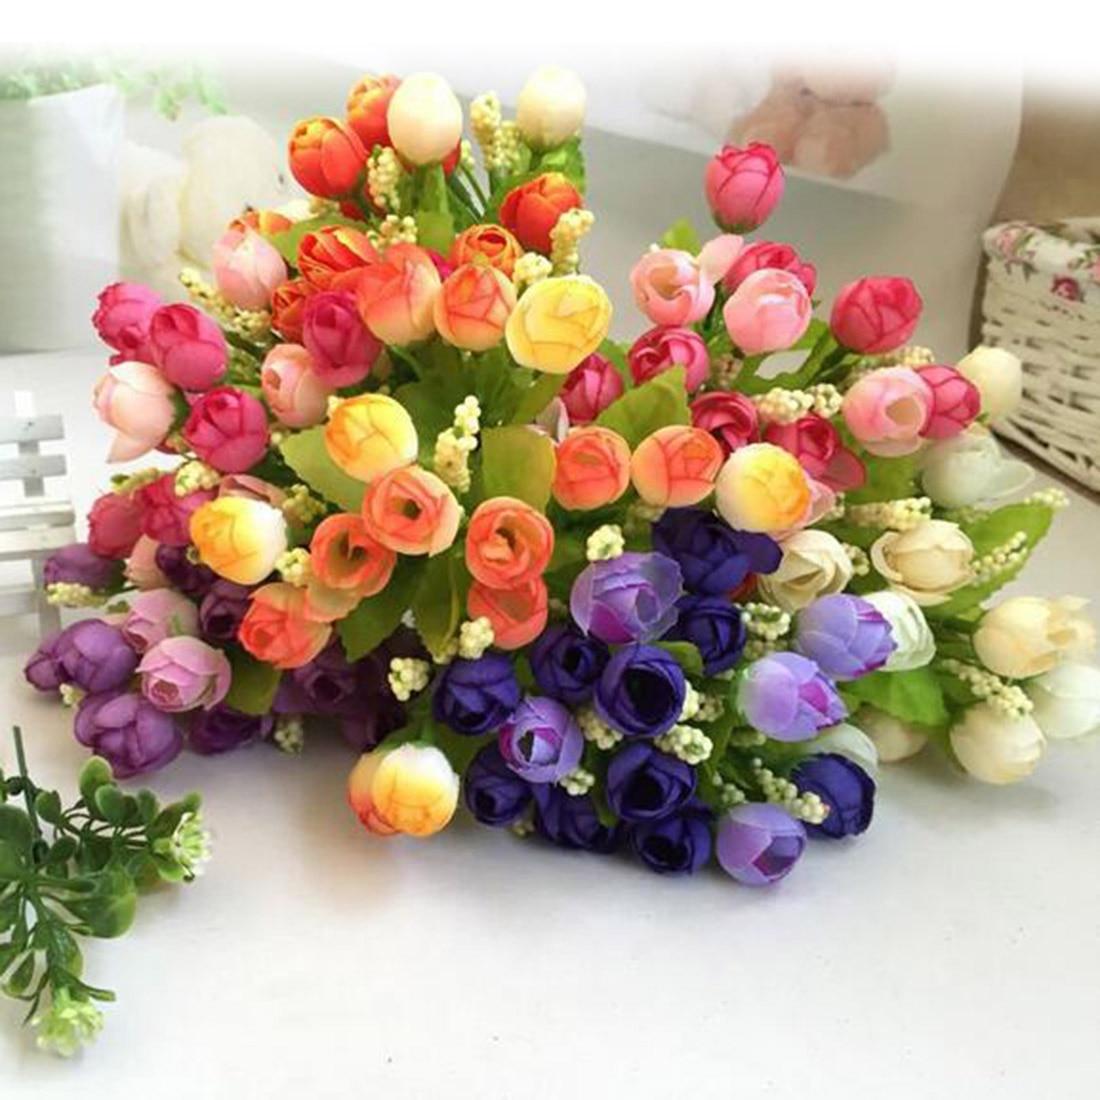 1 ramo de flores artificiales de 15 cabezas, flores artificiales de plástico artificiales para decoración del hogar, ramo de novia, regalos alegres, bonsái de decoración para bodas